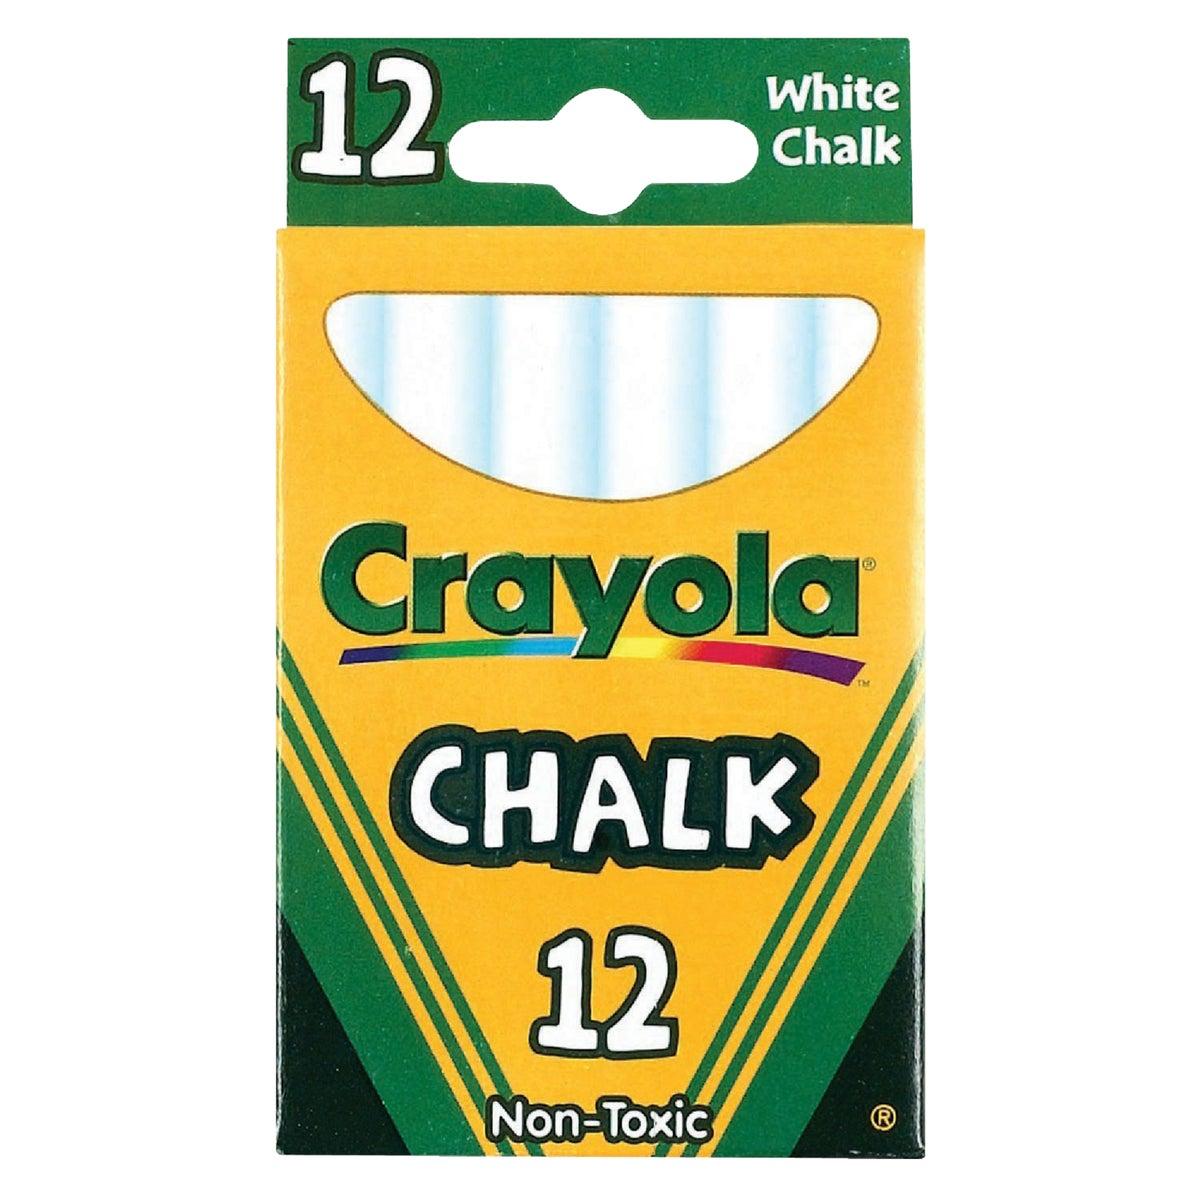 12CT WHITE CHALK - 51-0320 by Crayola L L C